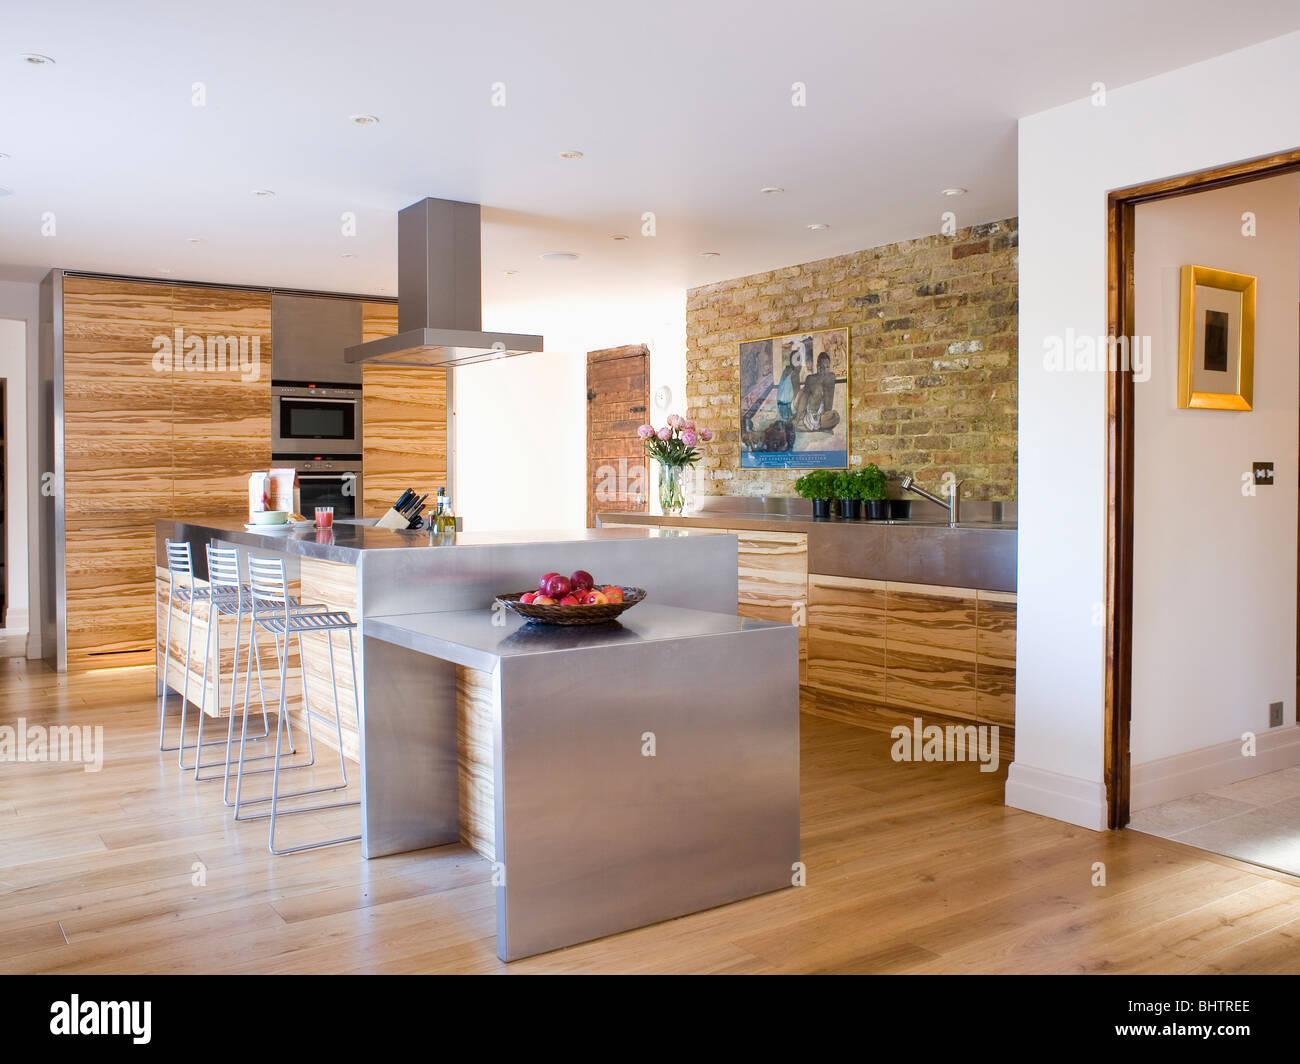 Edelstahl Insel in große, moderne Küche mit Holz-Furnier Inject ...